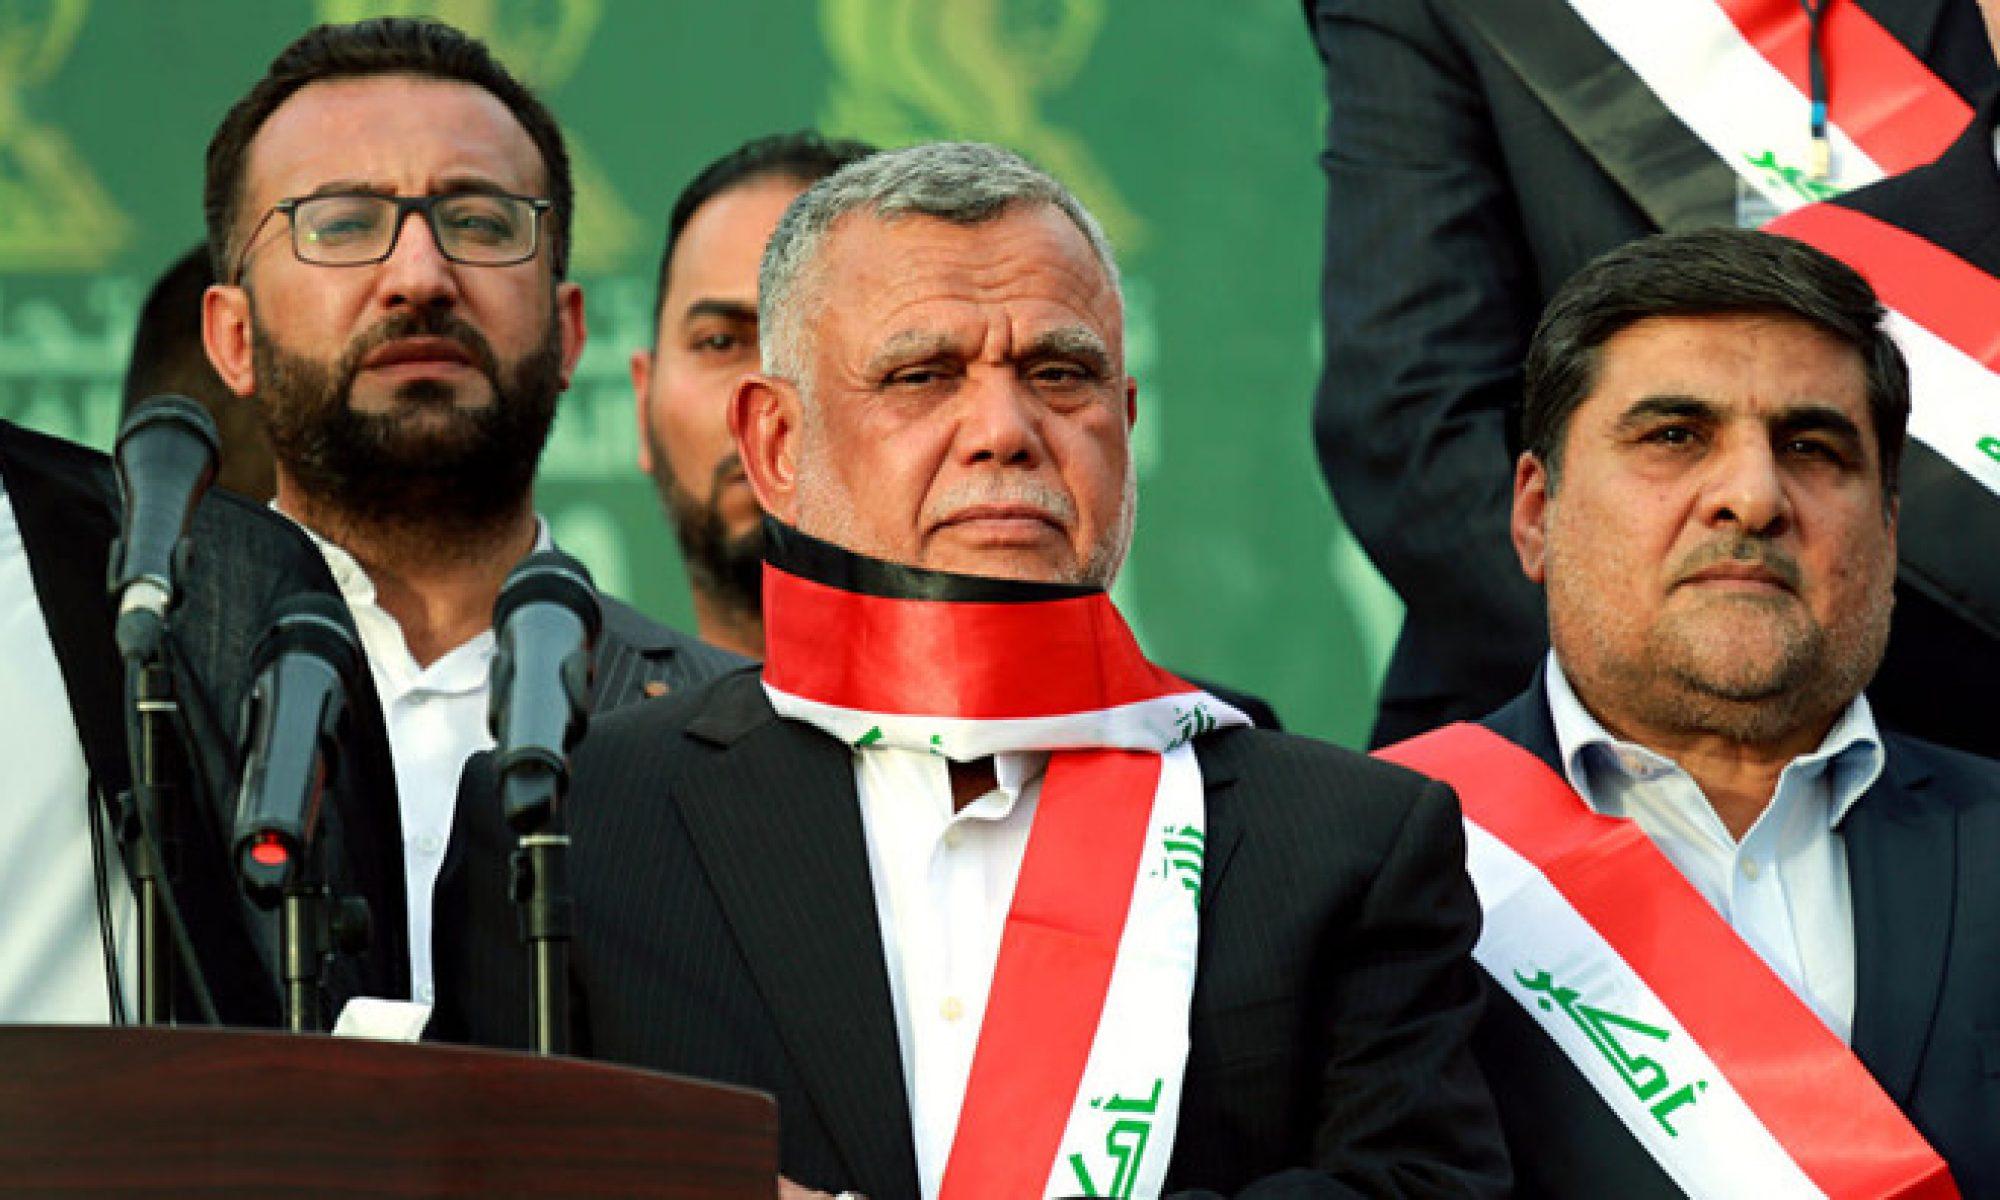 Basra'da Göstericiler Hadi Amiri'nin Karargahını yaktı